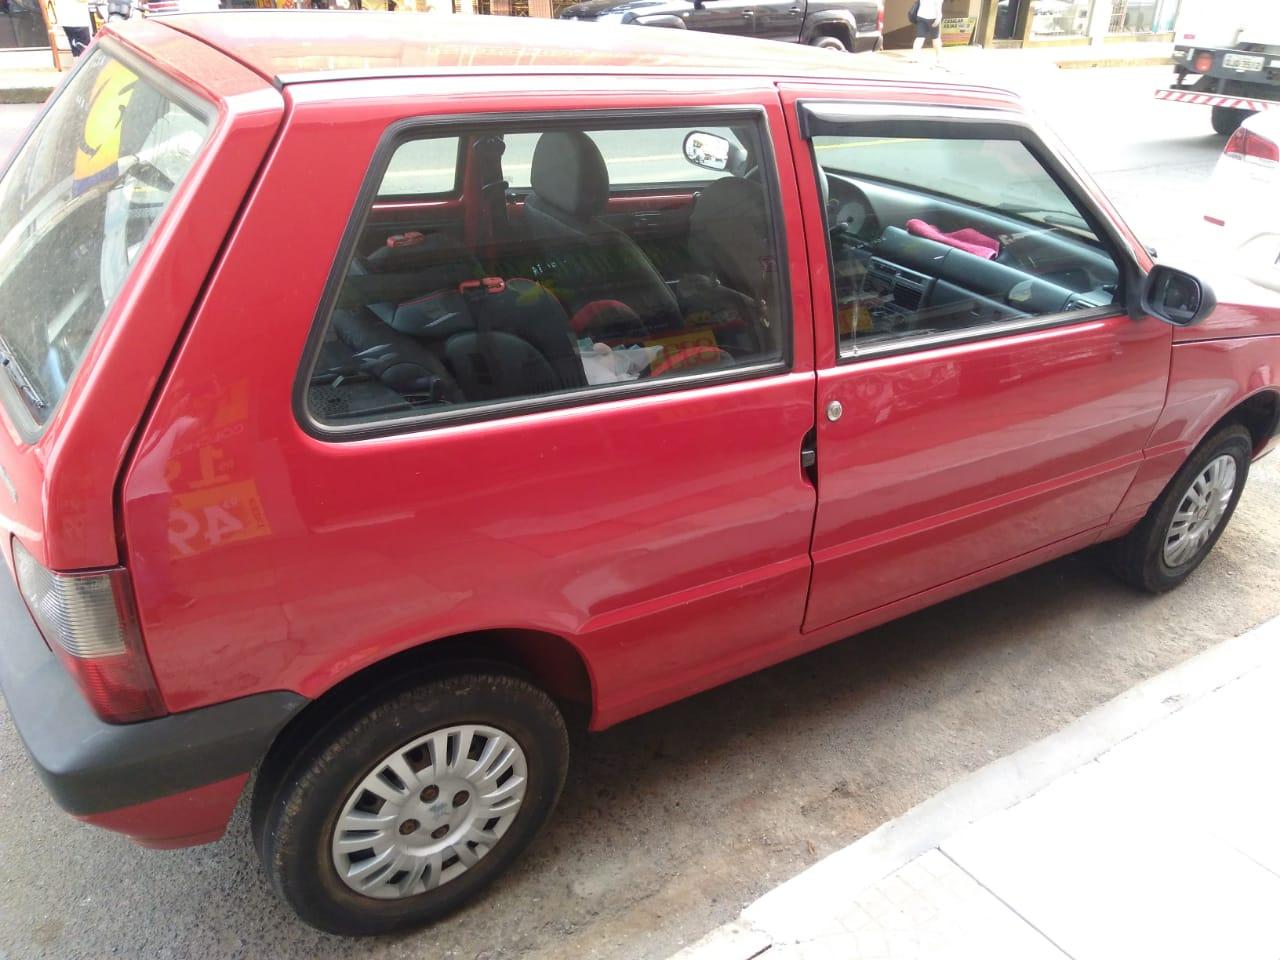 Mulher que teve carro furtado com filho dentro em Concórdia relata momentos de desespero